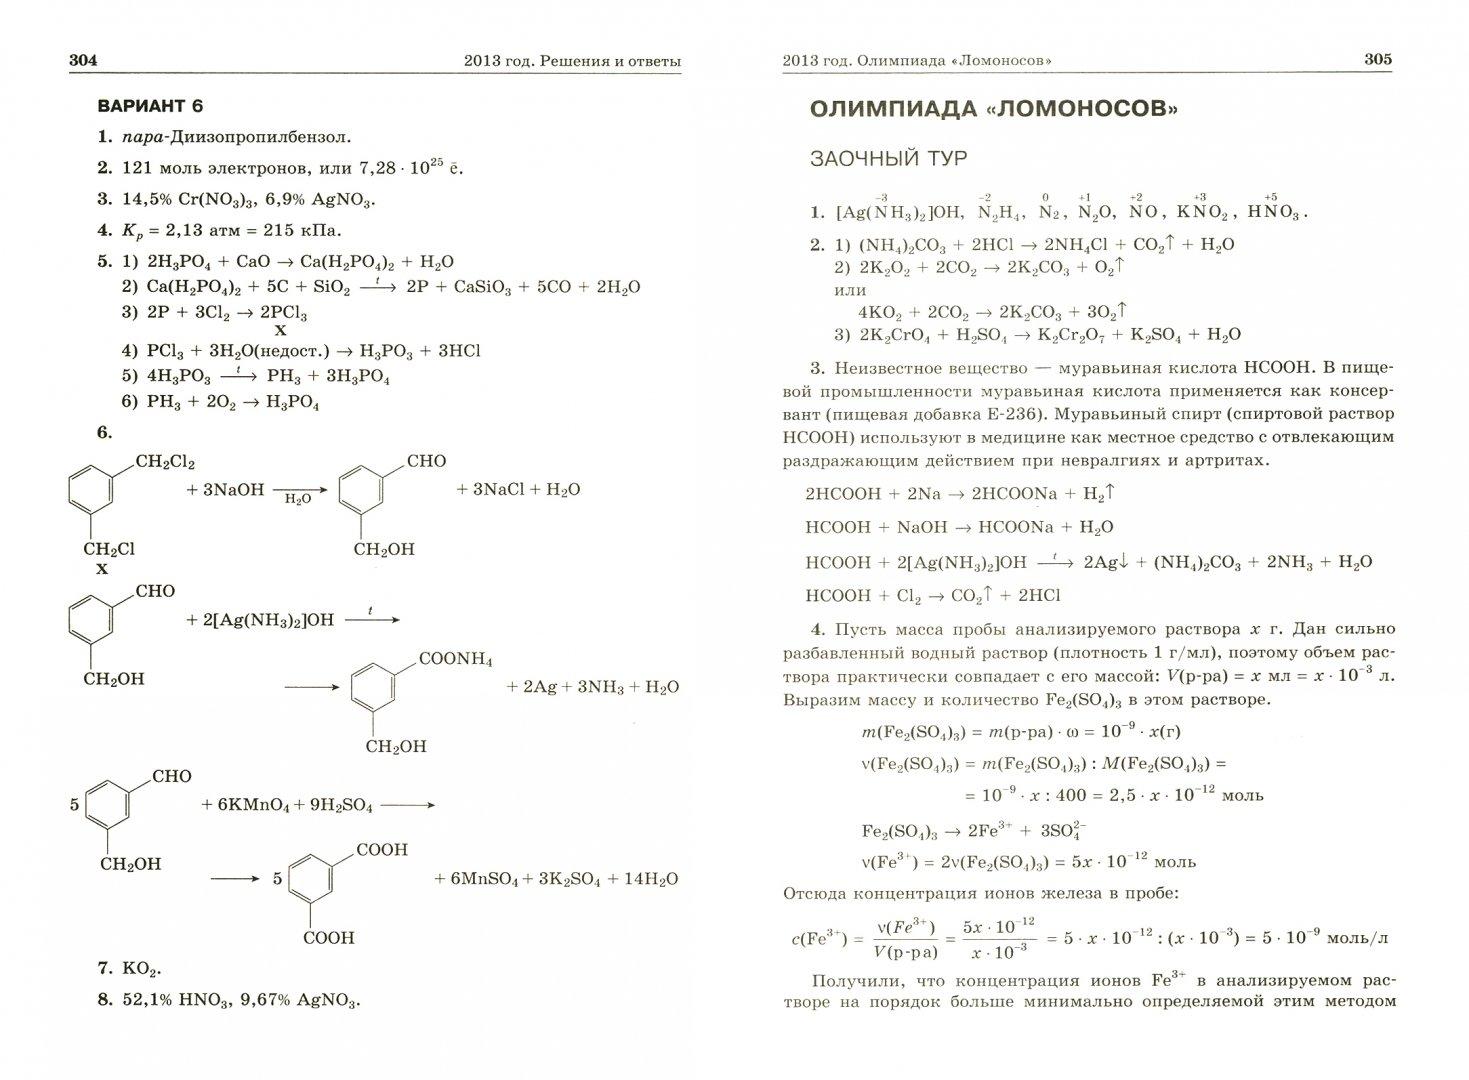 Решения задач с олимпиады ломоносова химия решение задач по организации и нормированию труда